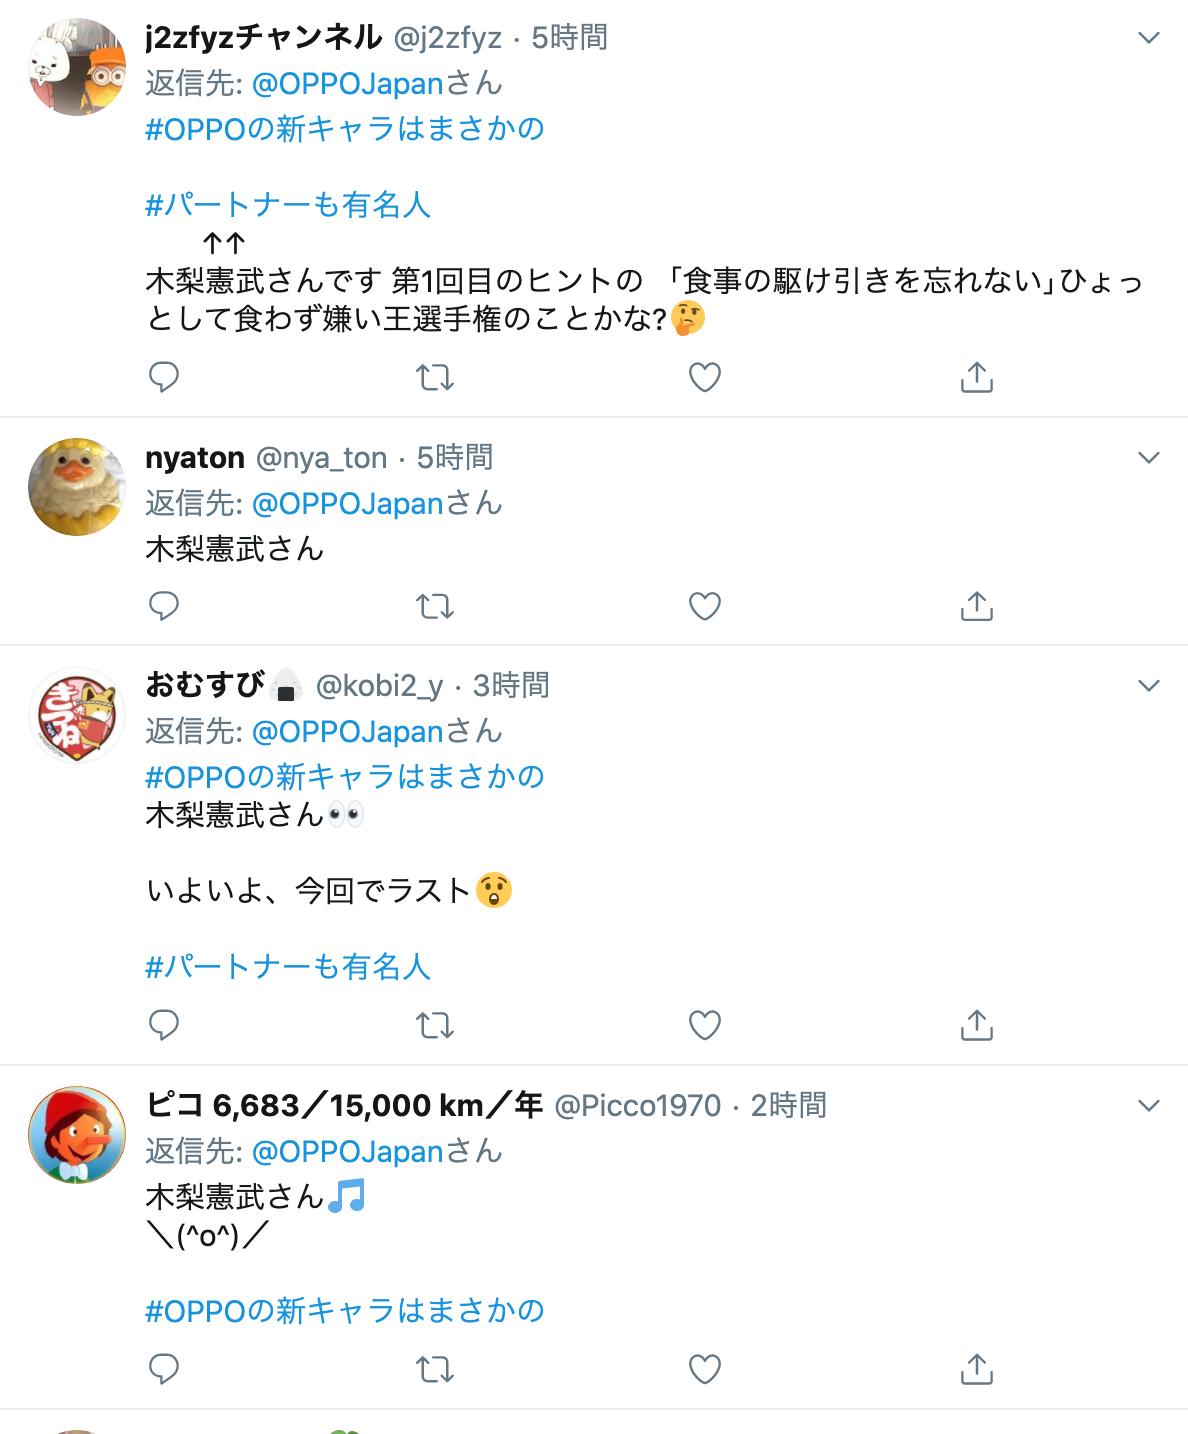 f:id:Azusa_Hirano:20200717150737p:plain